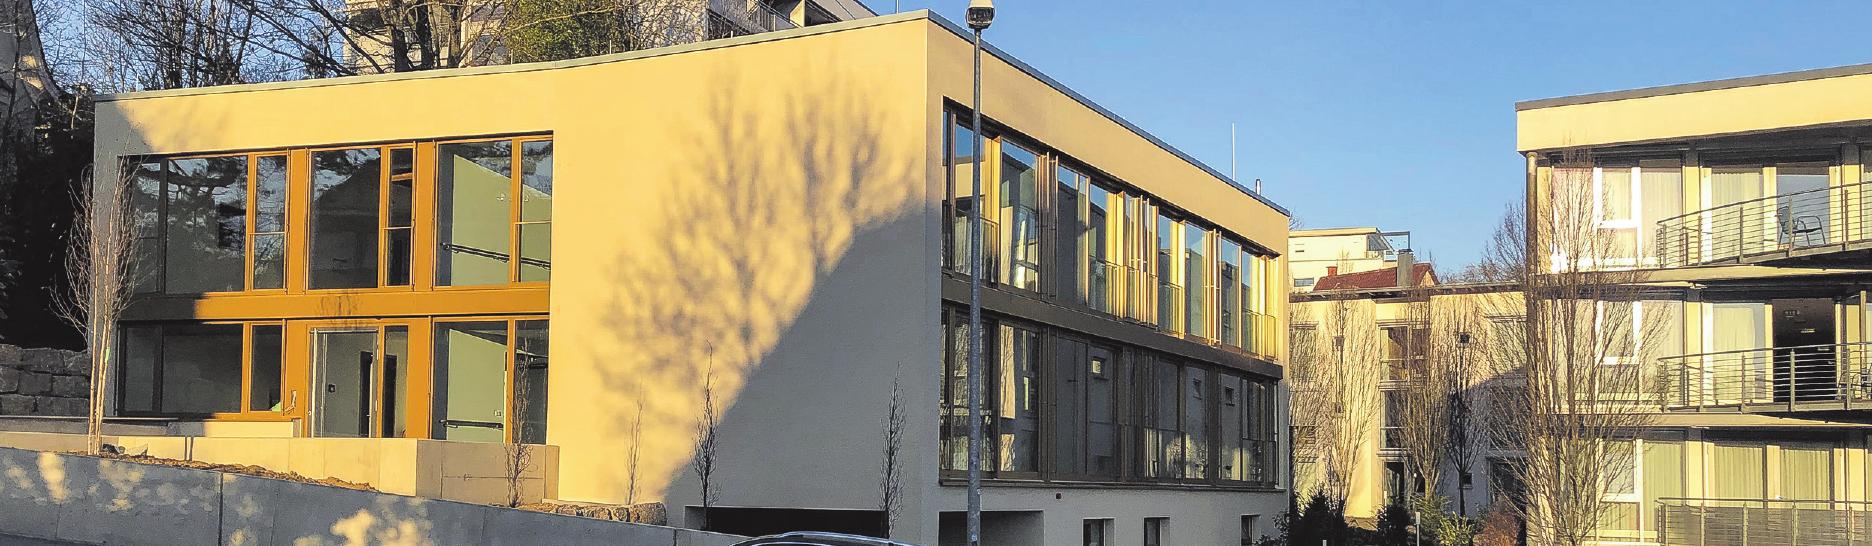 Der Hospizbau schließt direkt an das bestehende Pflegeheim St. Franziskus an.